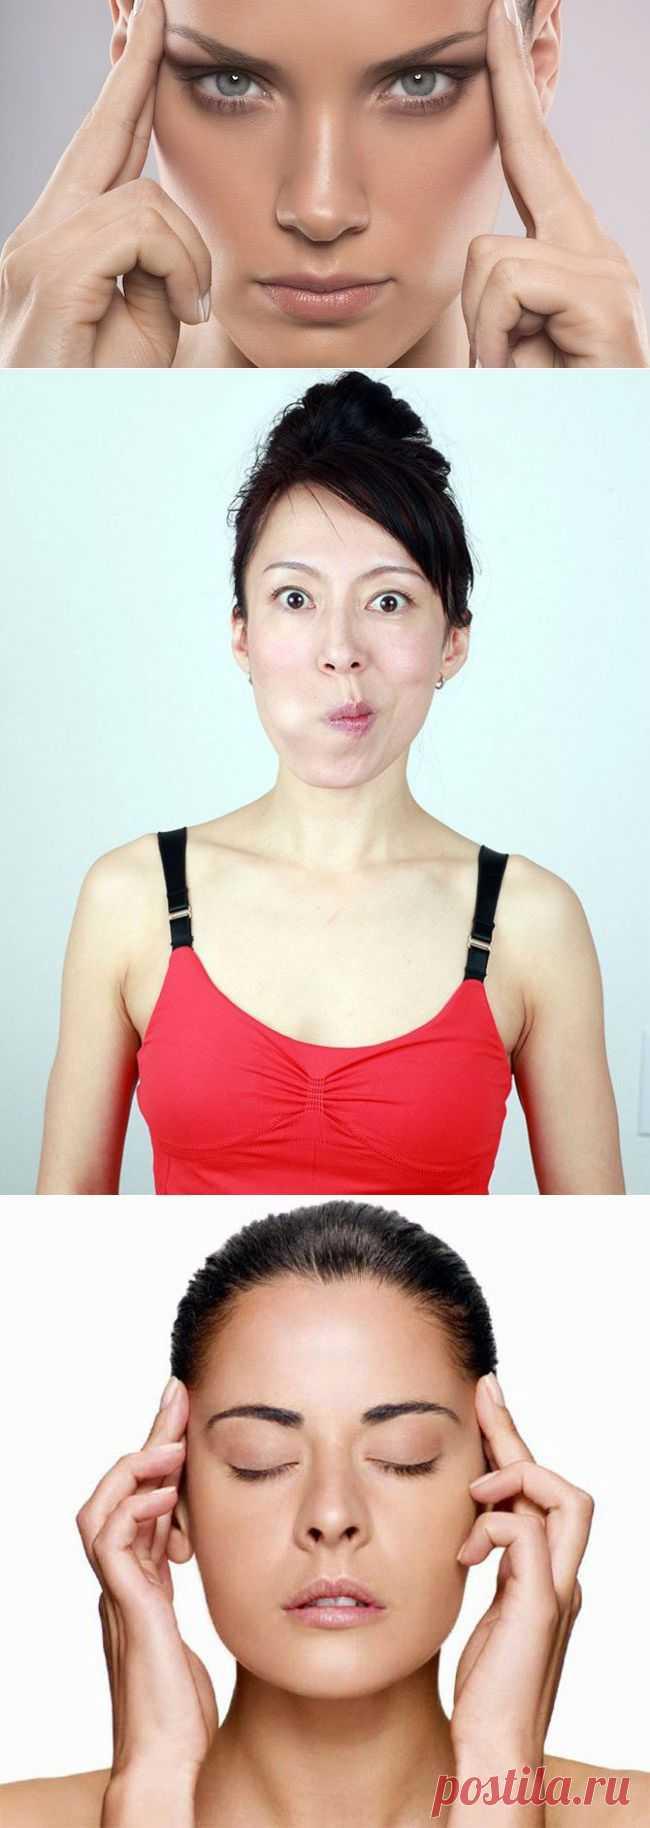 Омолаживающие упражнения для лица / Все для женщины